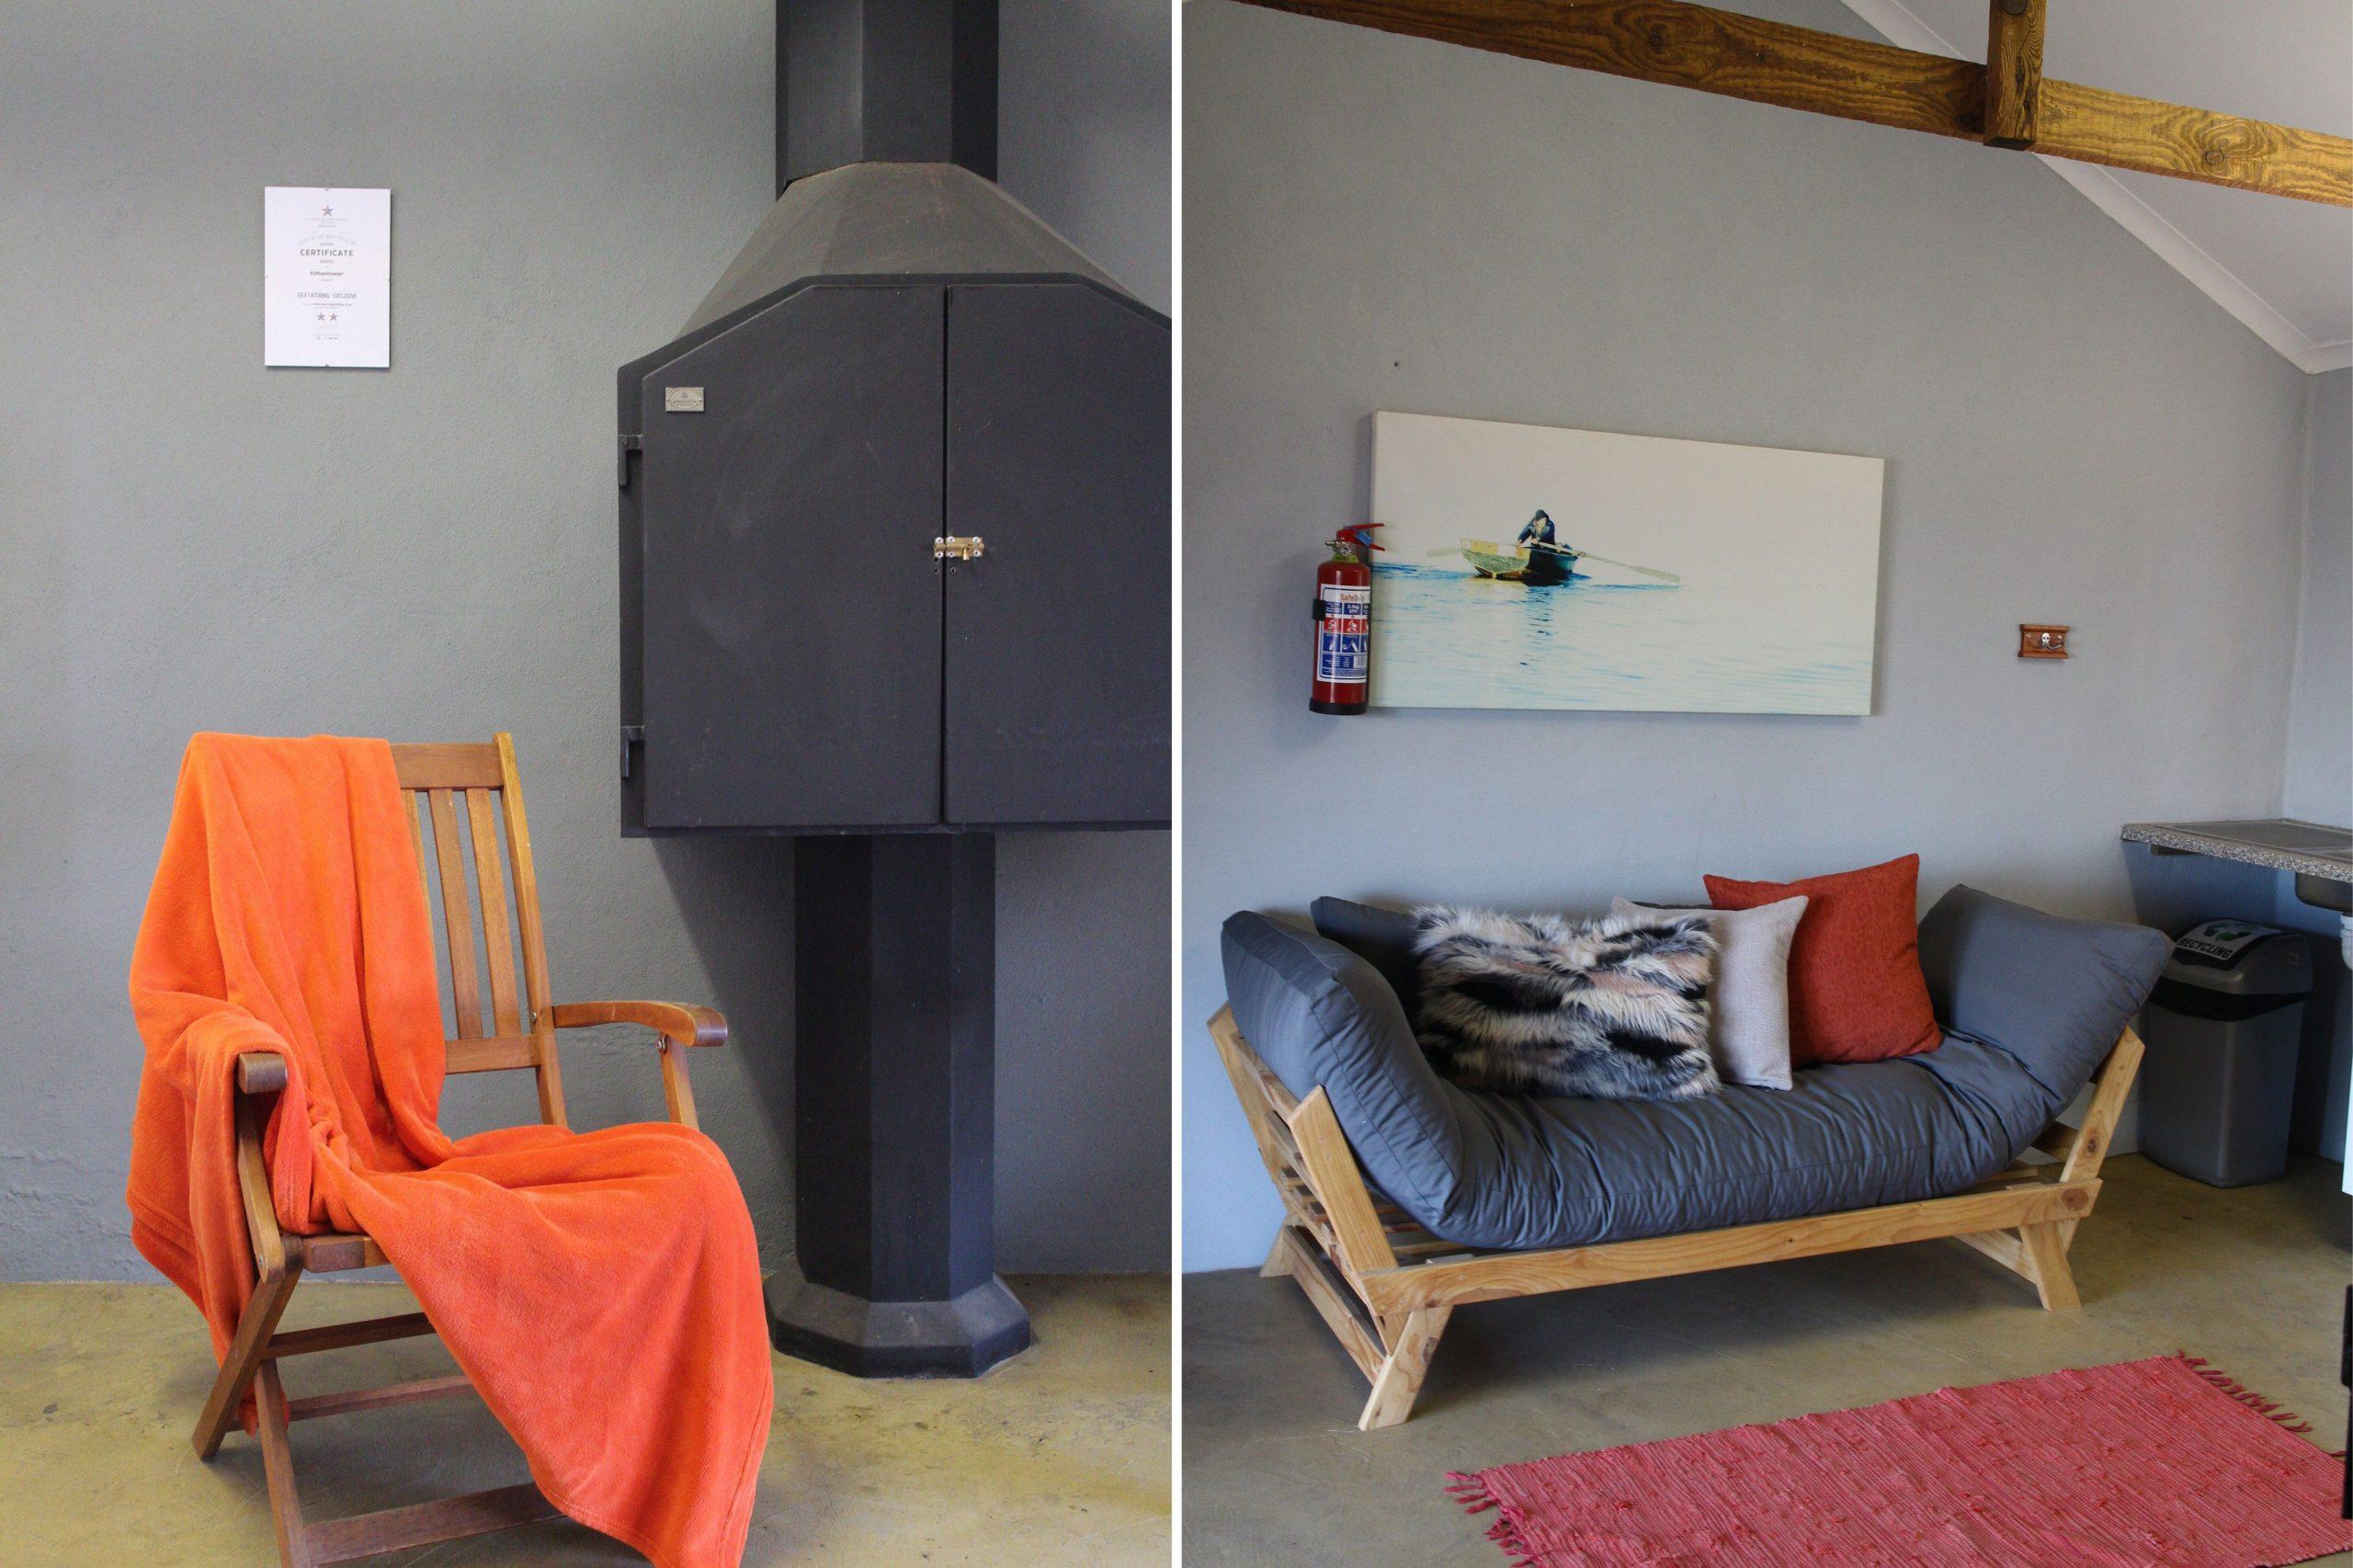 Kuifkopvisvanger - Rooireier, self catering accommodation in Velddrif, Berg River 4